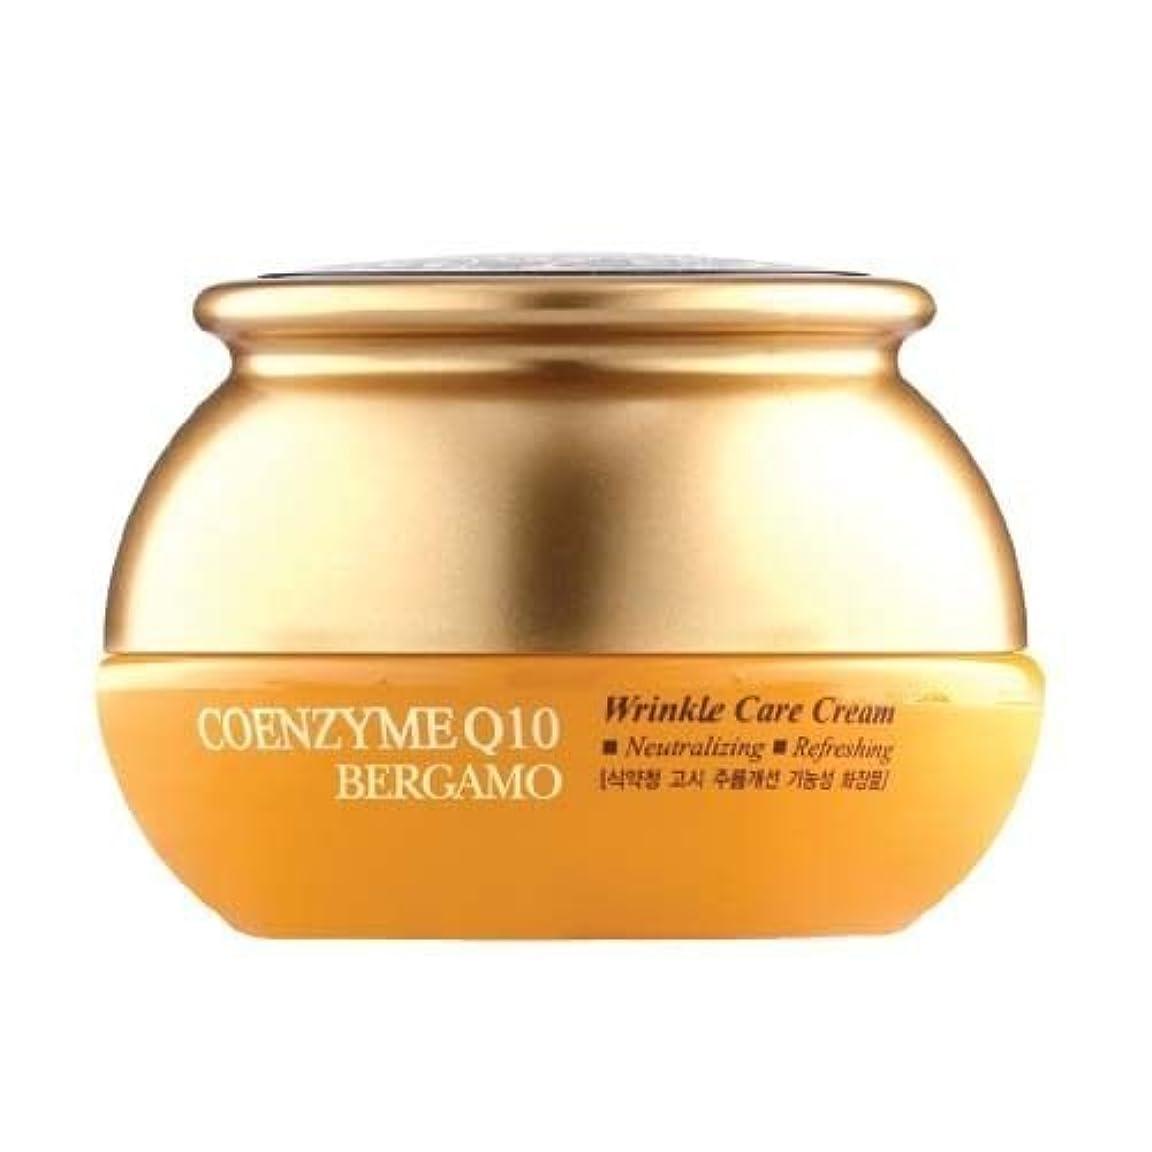 サージ農業ペナルティベルガモ[韓国コスメBergamo]Coenzyme Q10 Wrinkle Care Cream コエンザイムQ10リンクルケアクリーム50ml しわ管理 [並行輸入品]